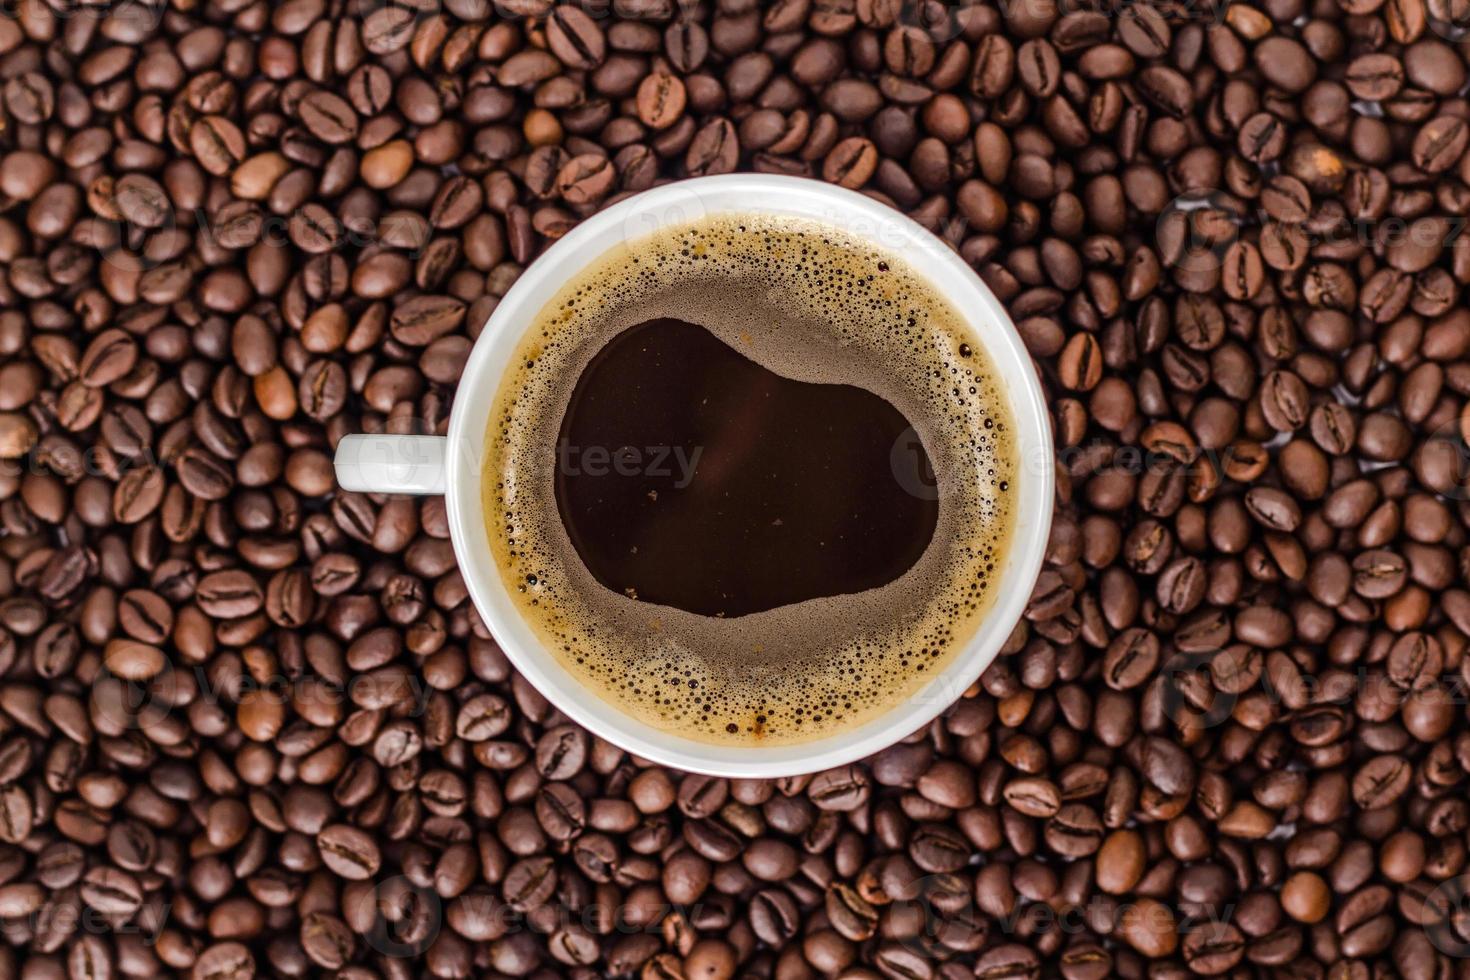 tasse de café blanc sur un tas de grains de café. photo